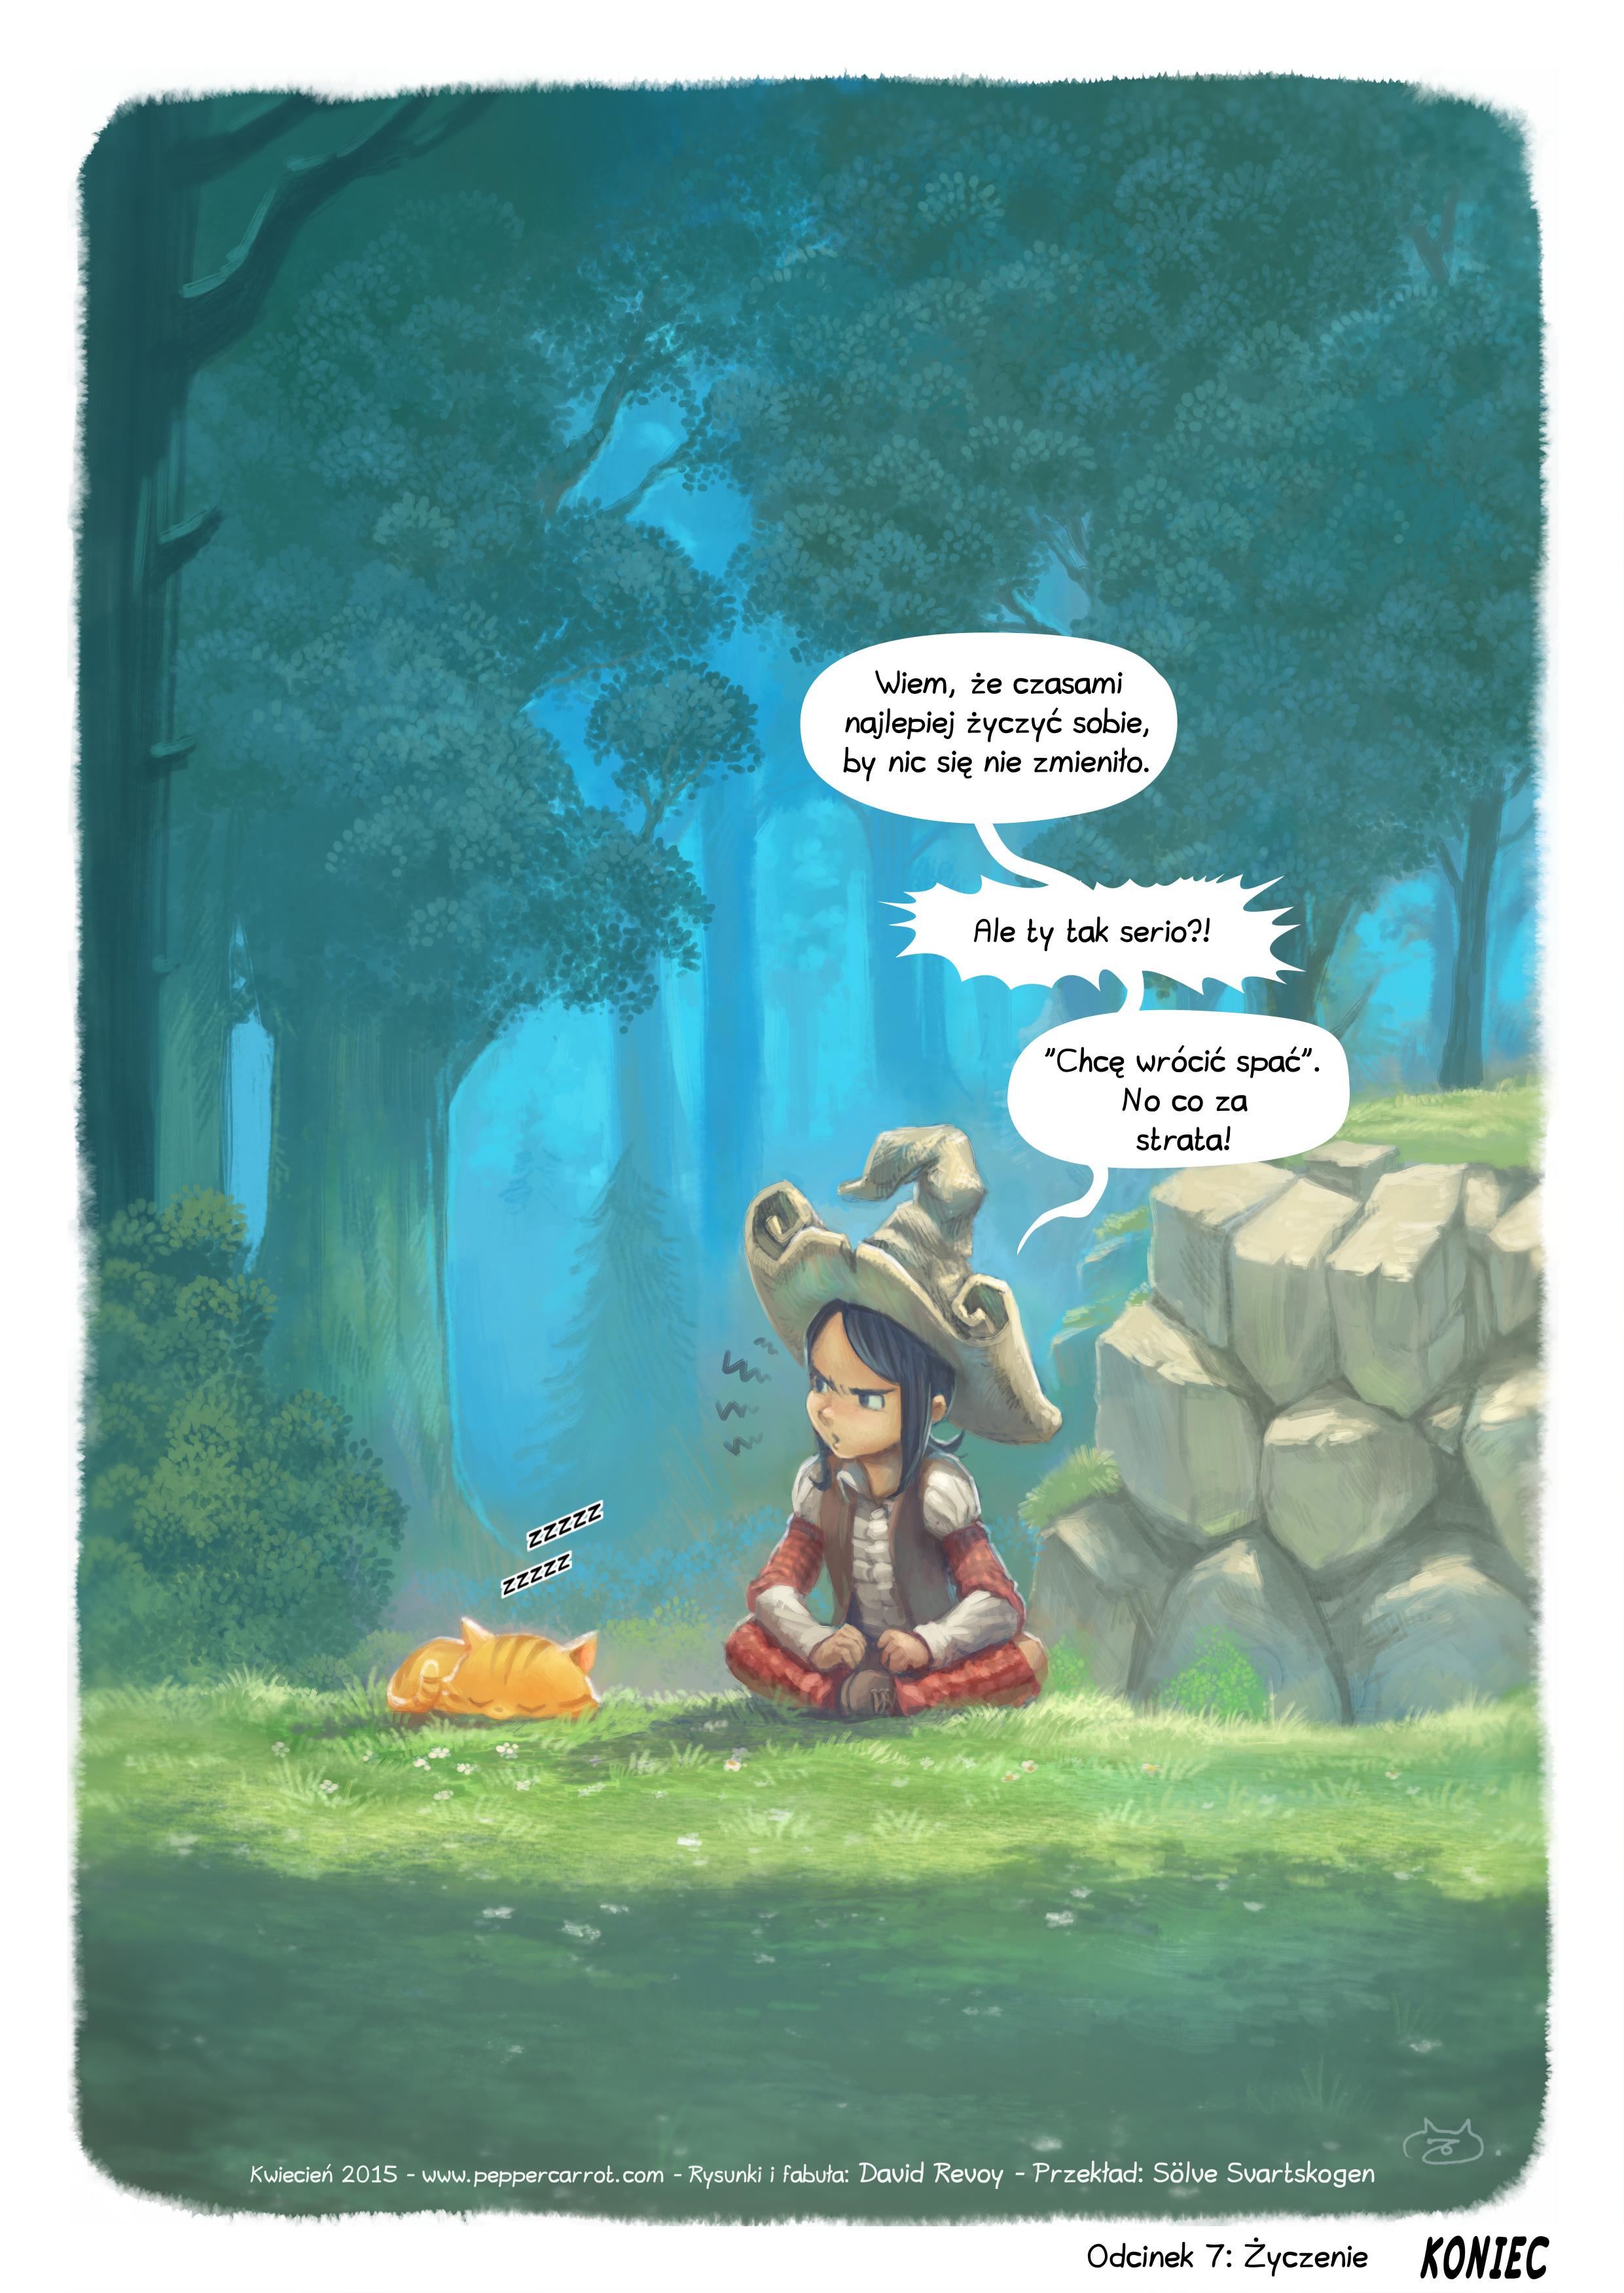 Odcinek 7: Życzenie, Page 5